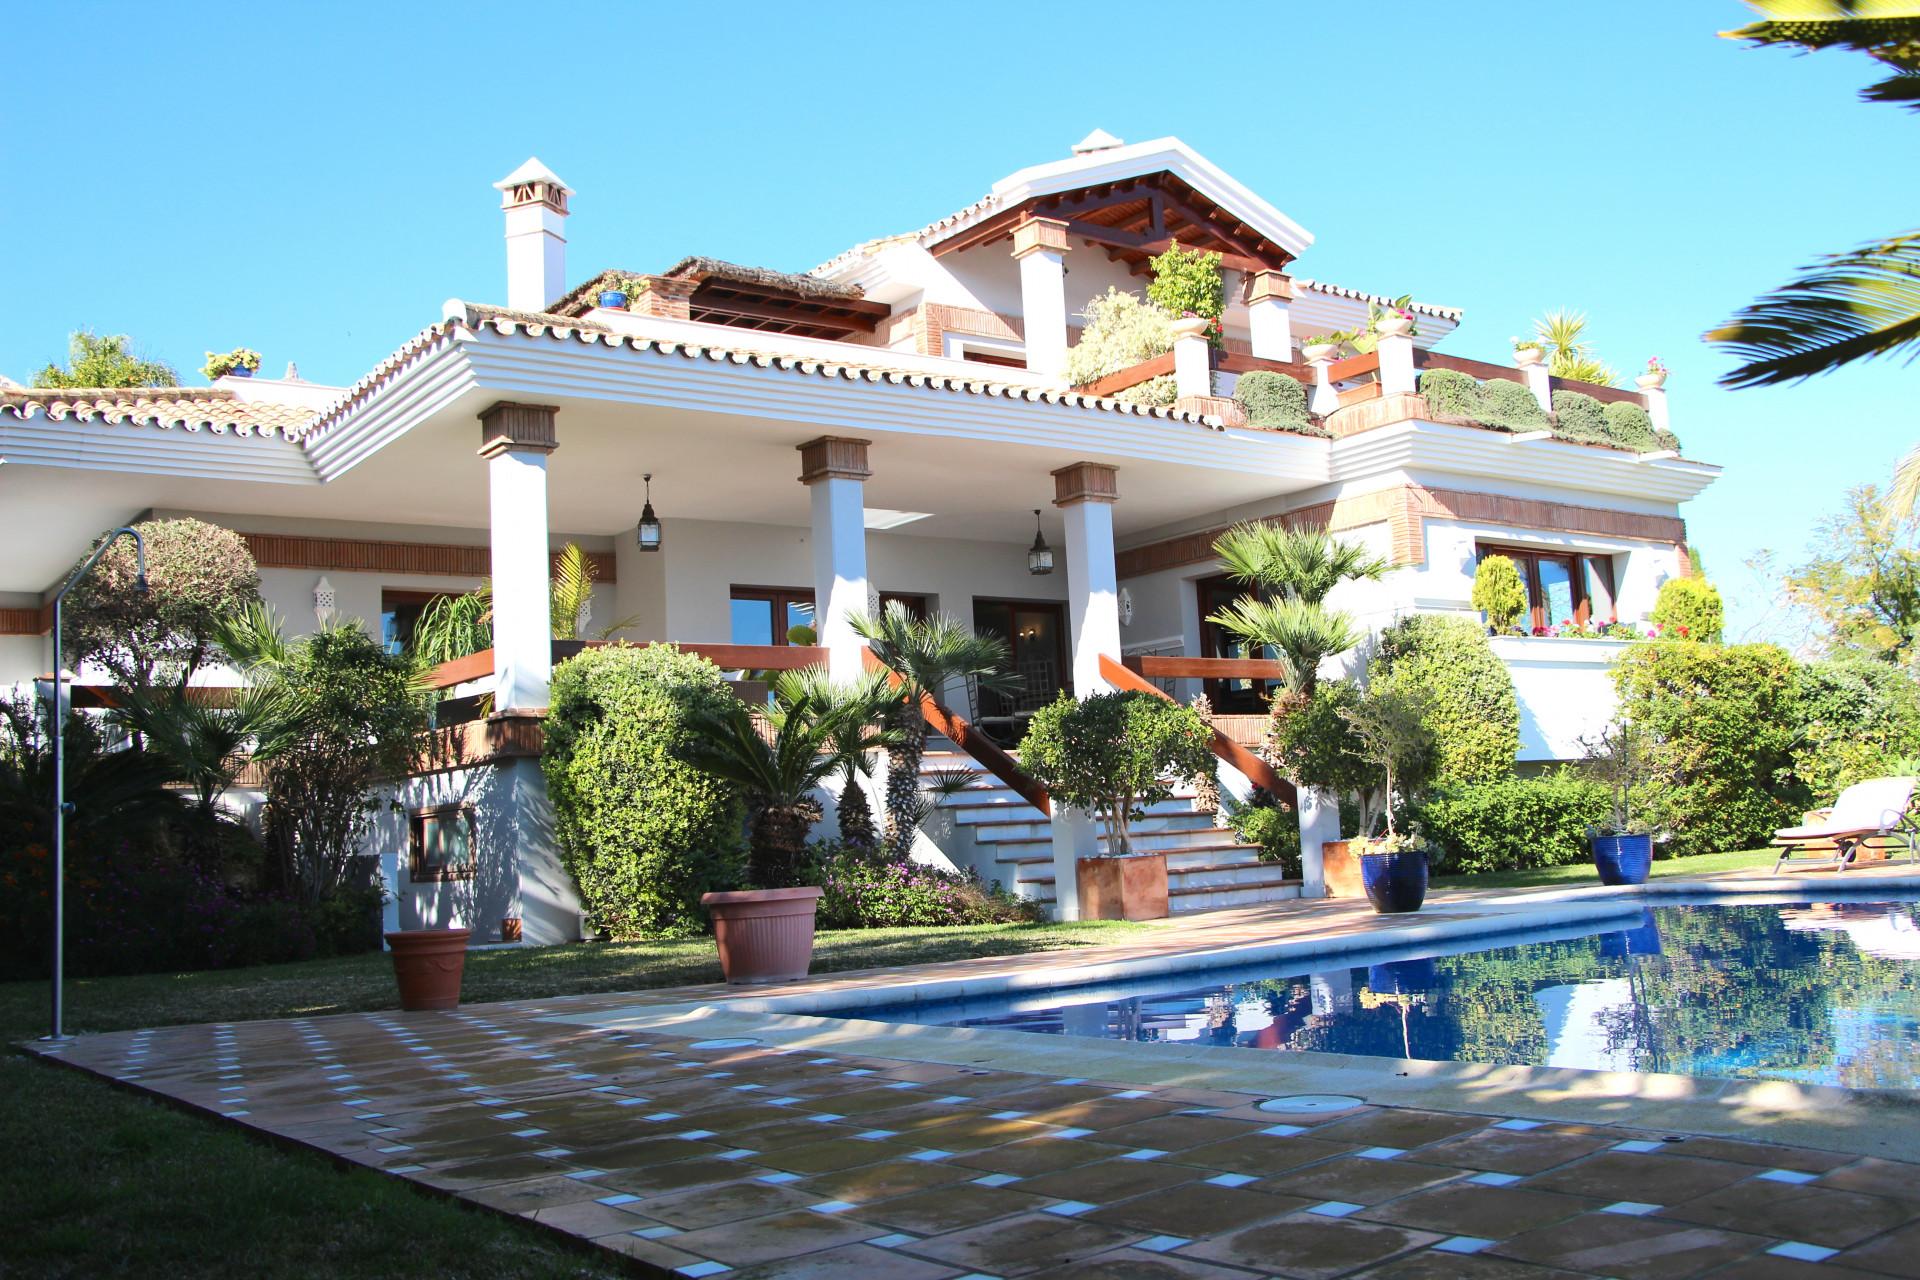 Luxury villa for sale in Los Flamingos, Estepona